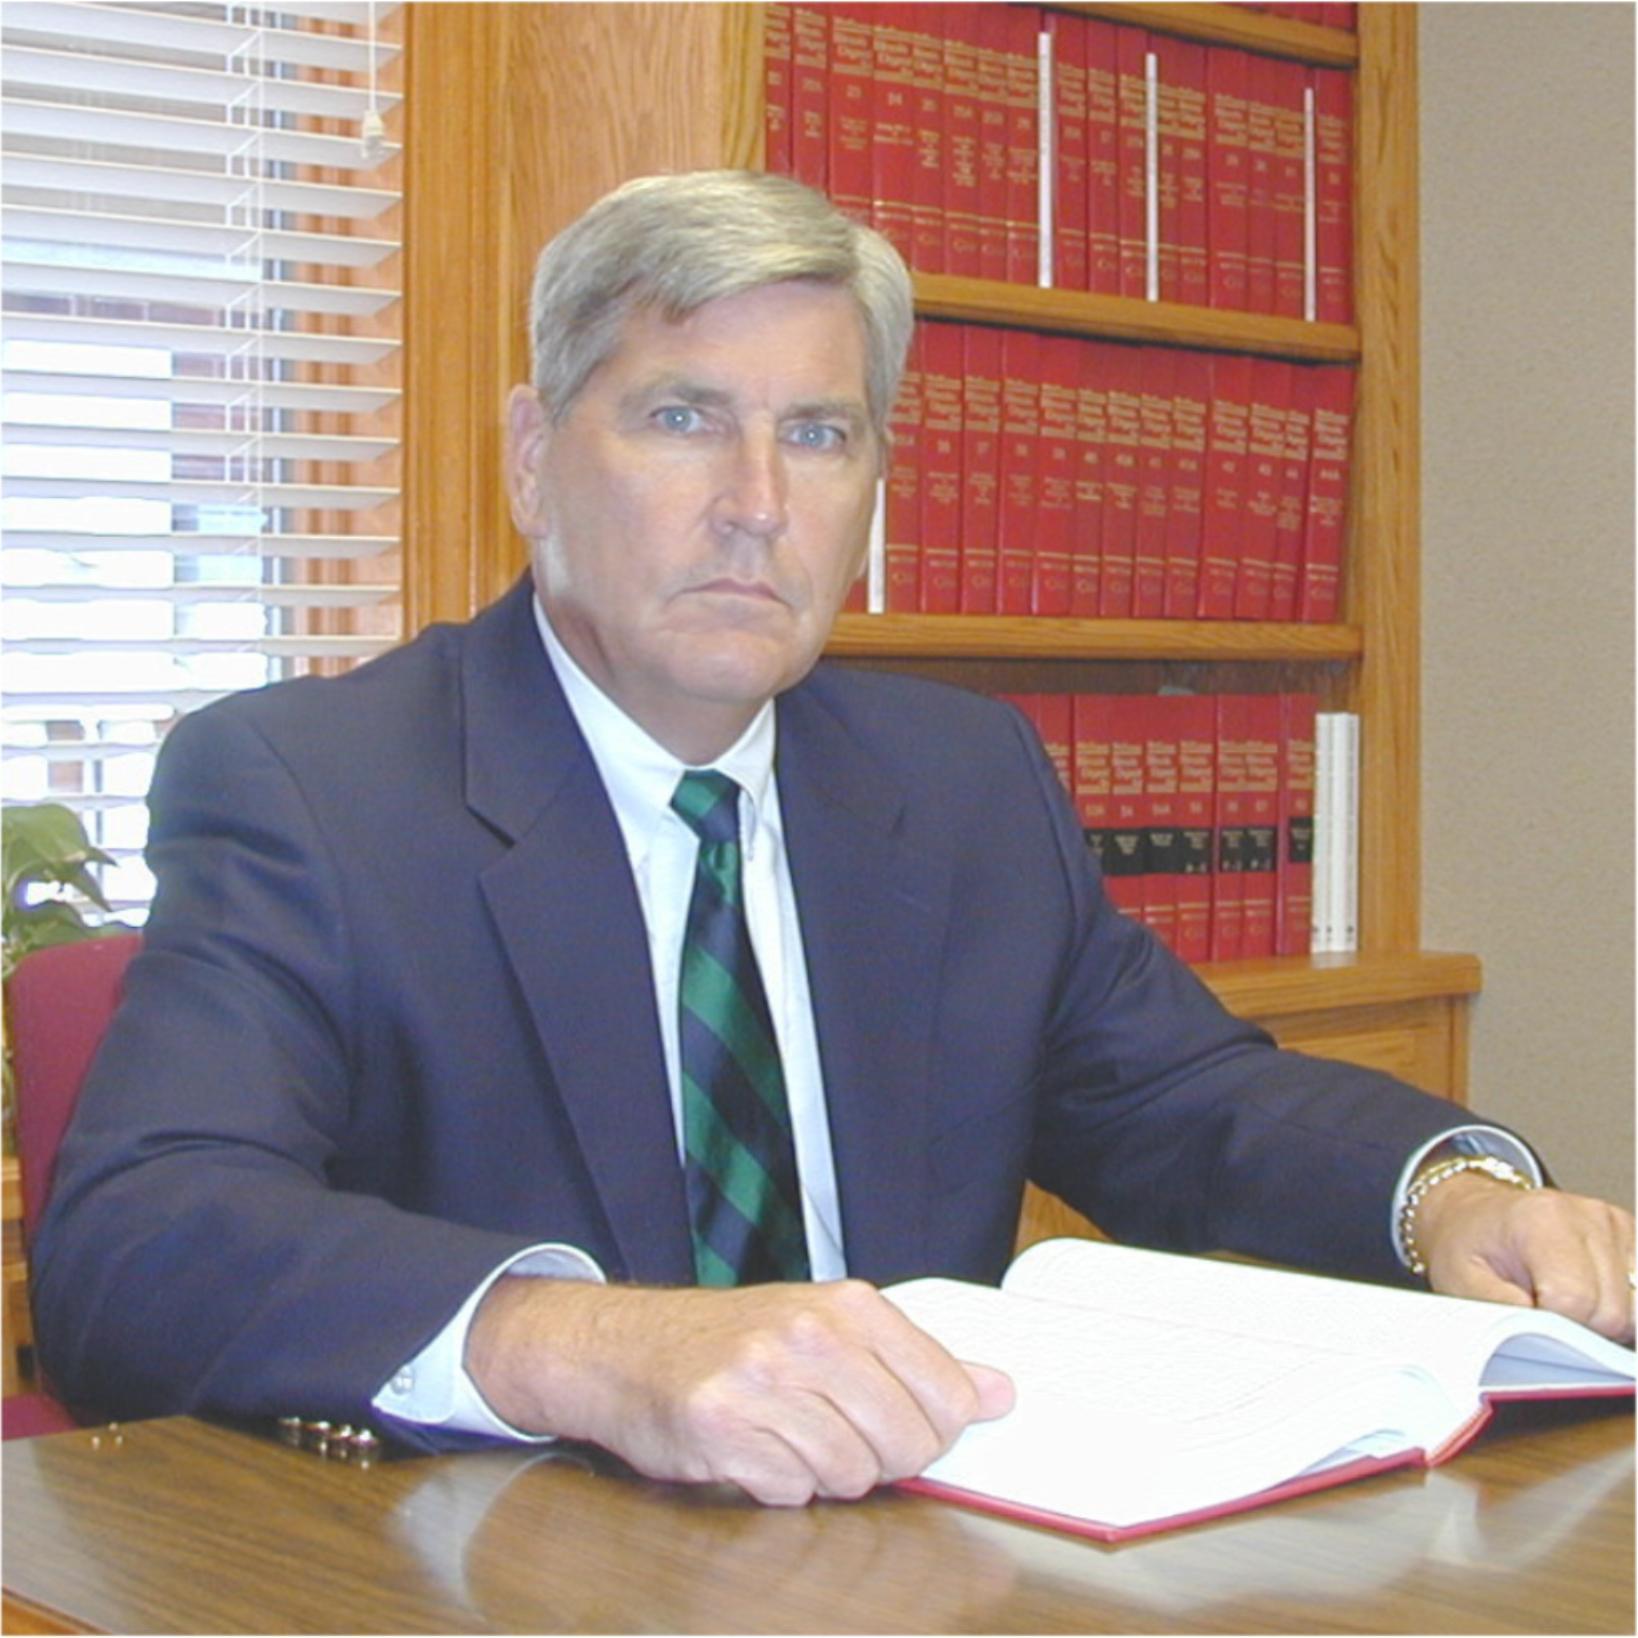 edward f  brennan  u00ab brennan law firm  p c   u2013 specializing